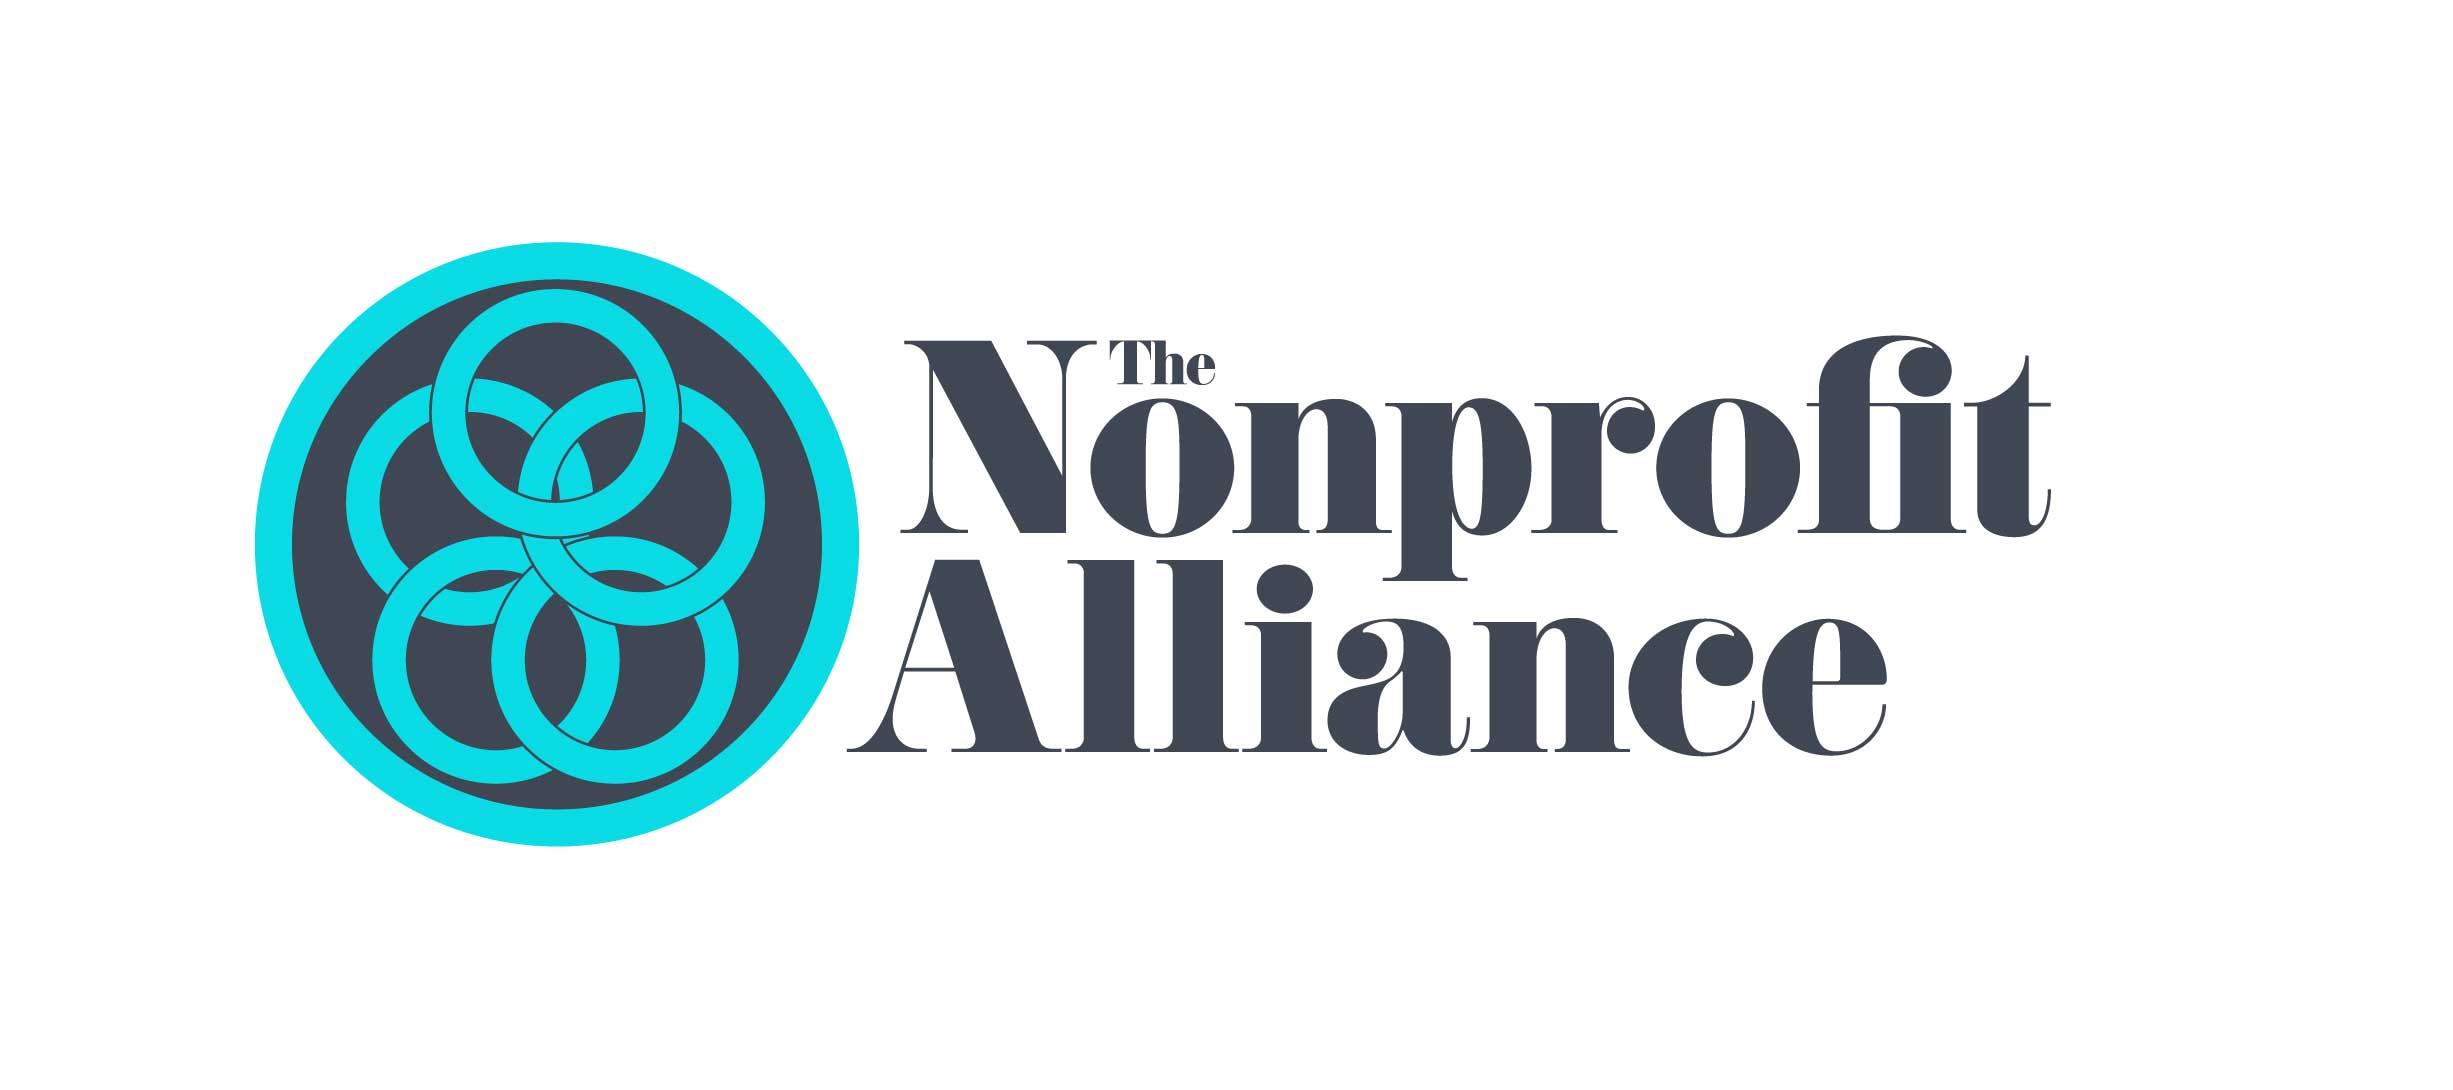 heroic-fundriaisng-image-TNPA-logo